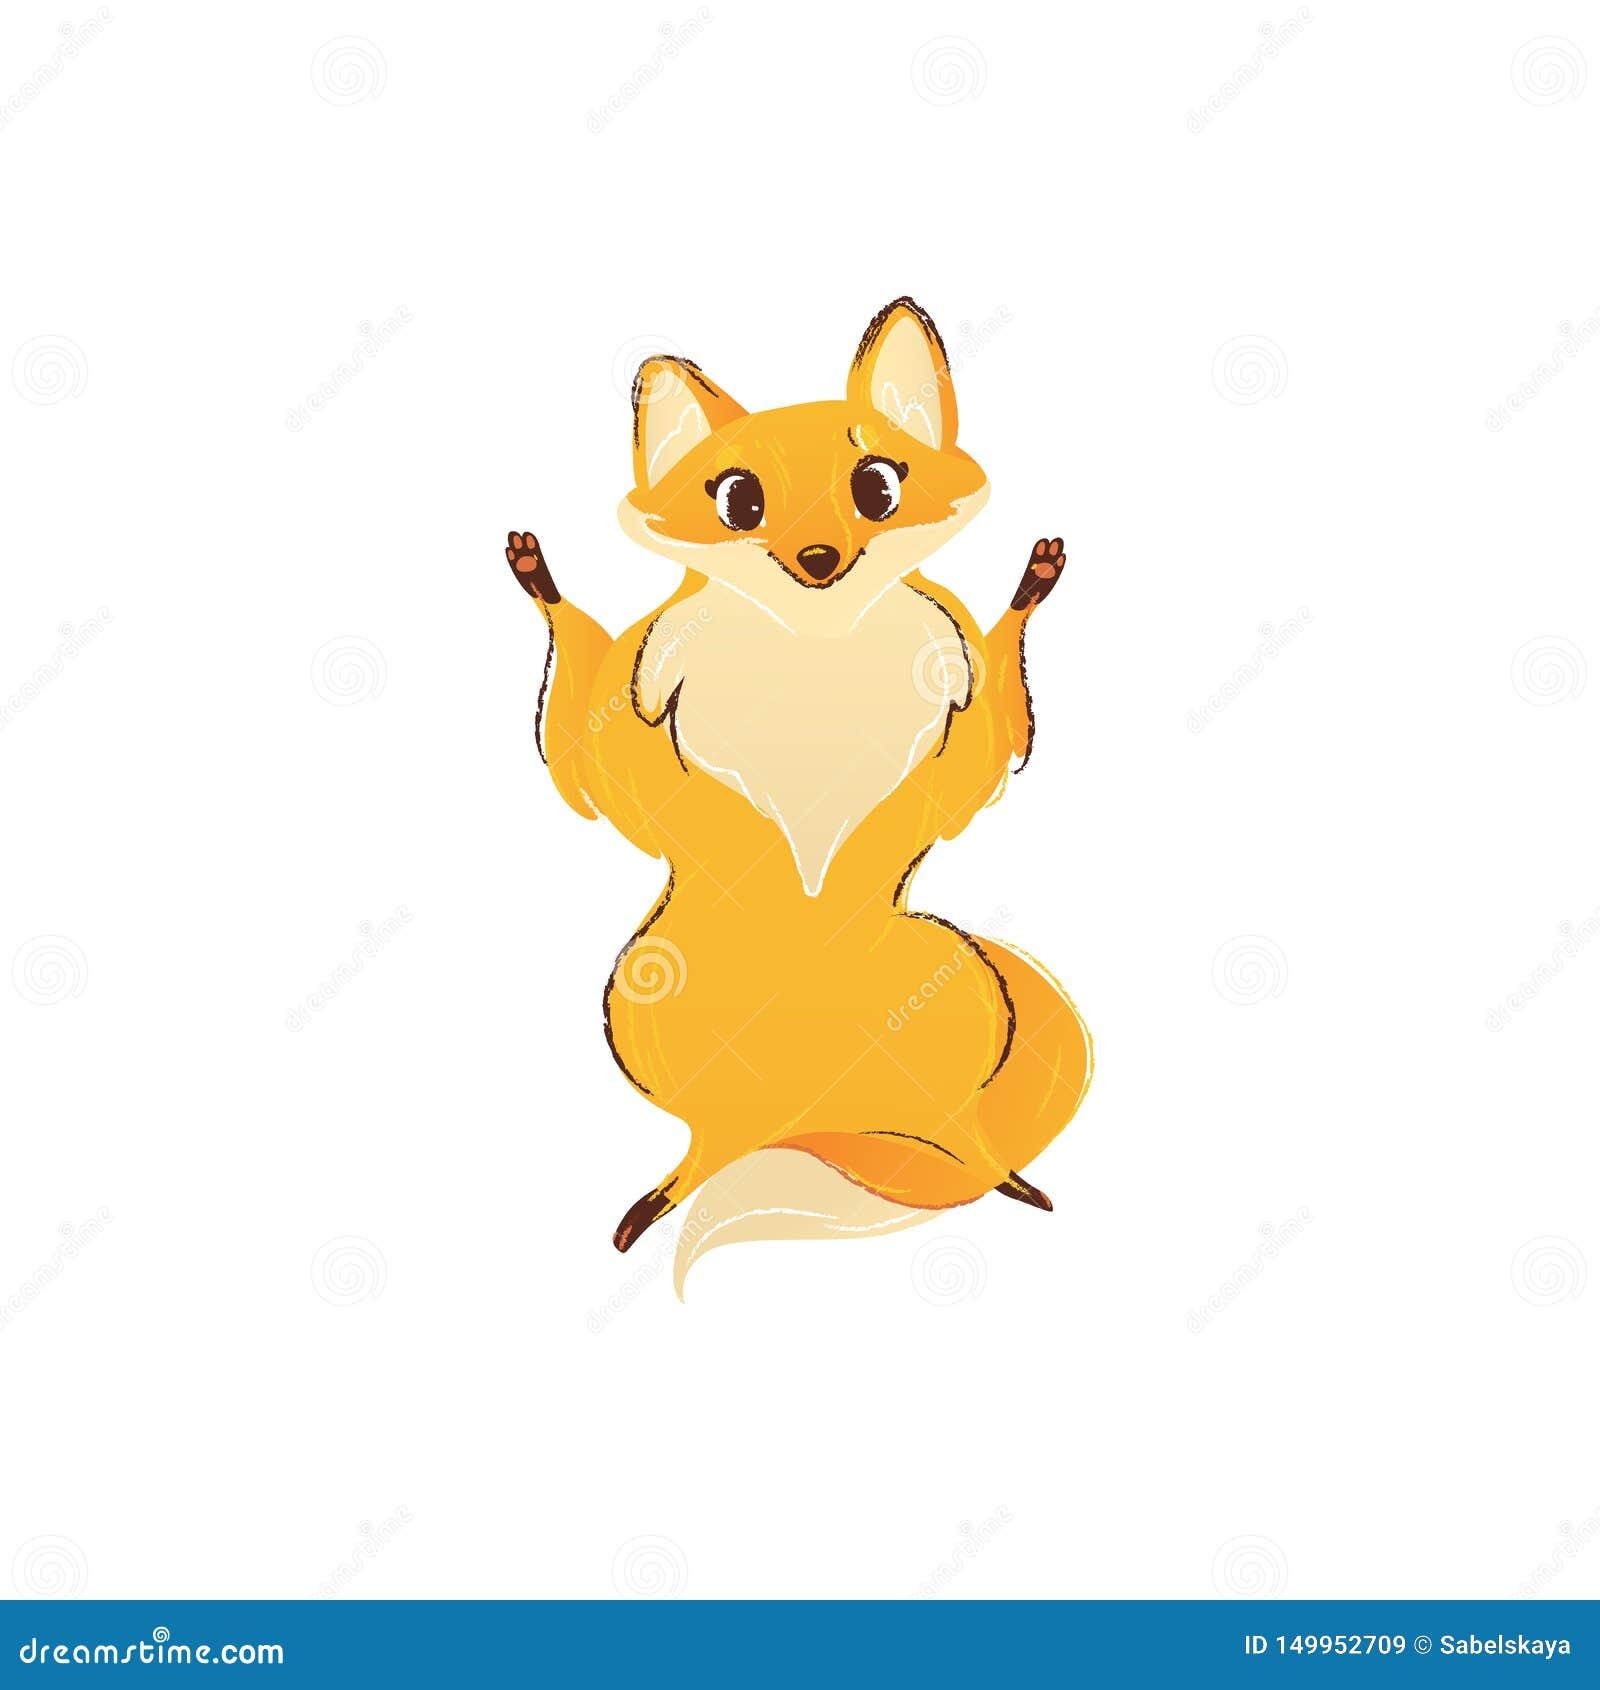 Vue de face de renard se tenant sur les jambes de derrière avec les avant augmentées vers le haut du style de bande dessinée